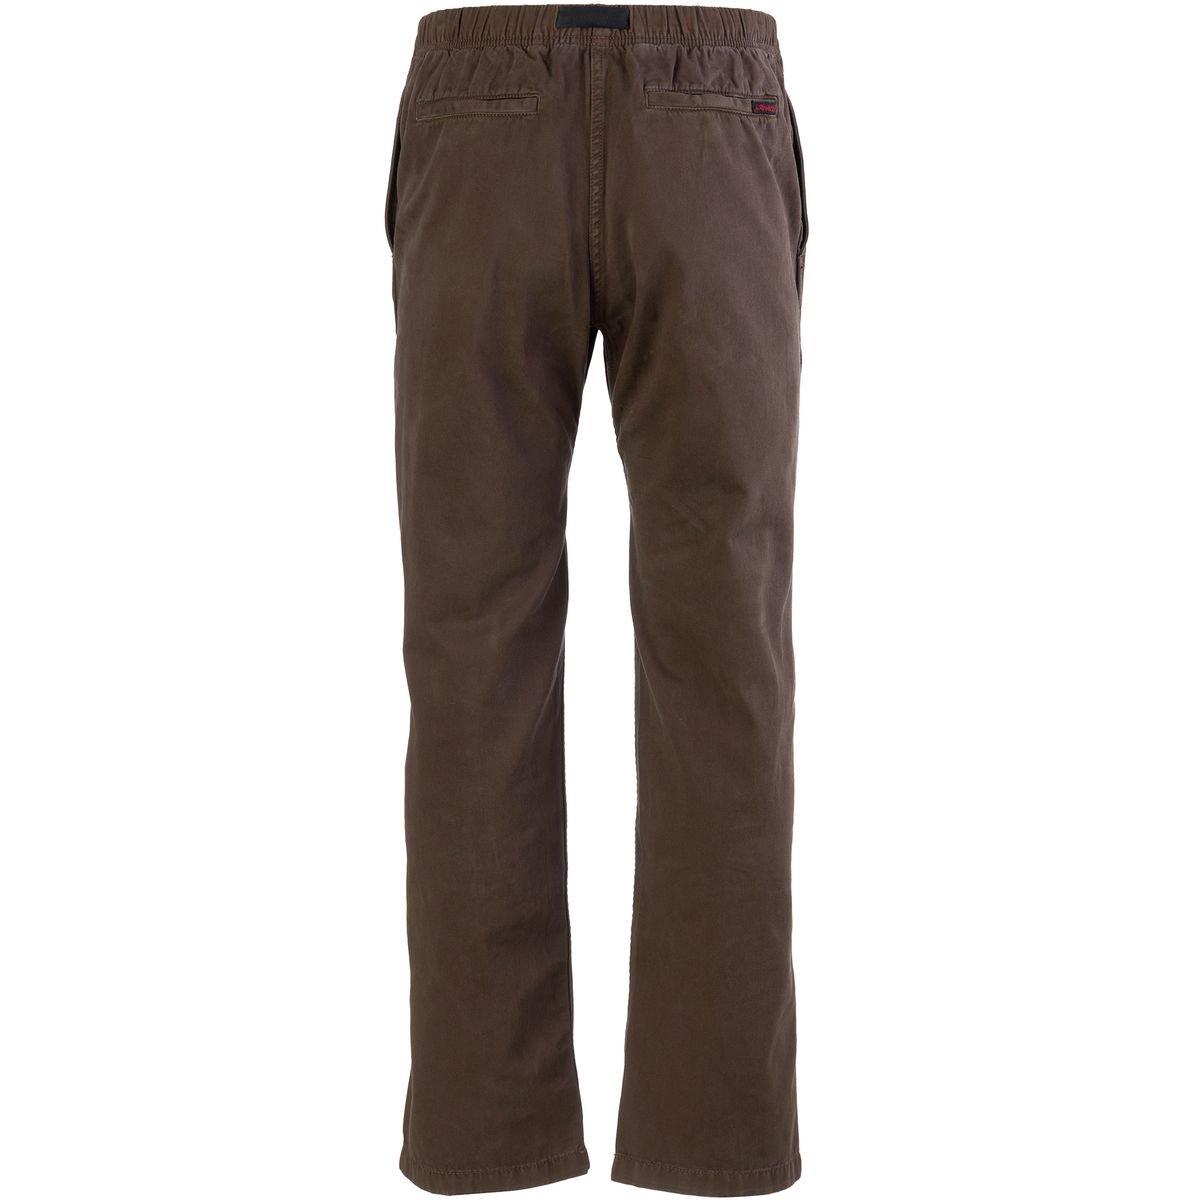 G Pant original Gramicci pour hommes - Marron - L  Amazon.fr  Vêtements et  accessoires fd56d608319